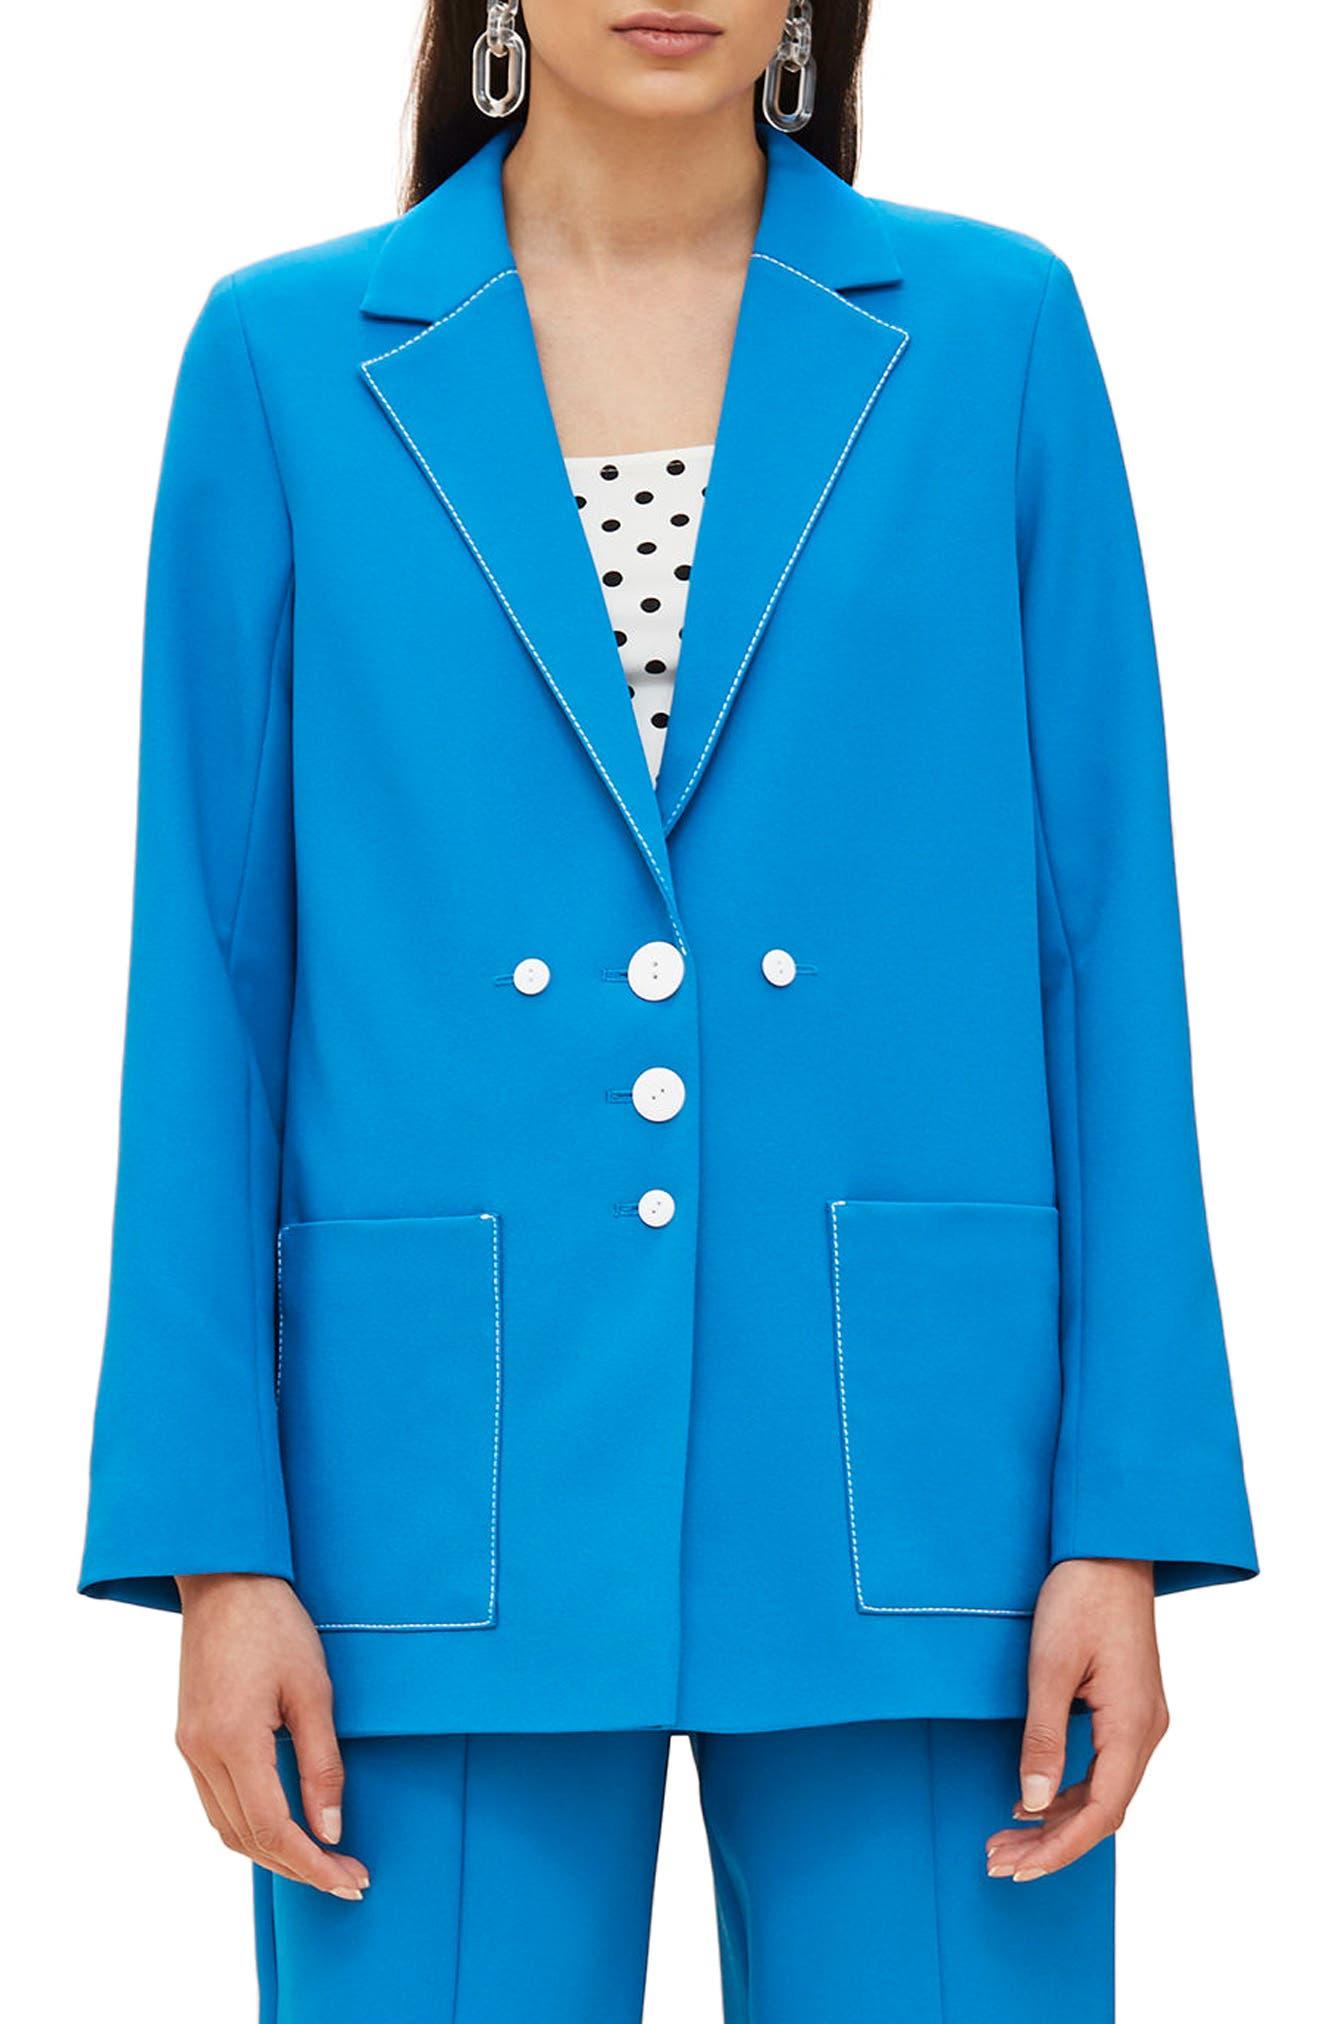 Azure Contrast Stitch Suit Jacket,                         Main,                         color, Bright Blue